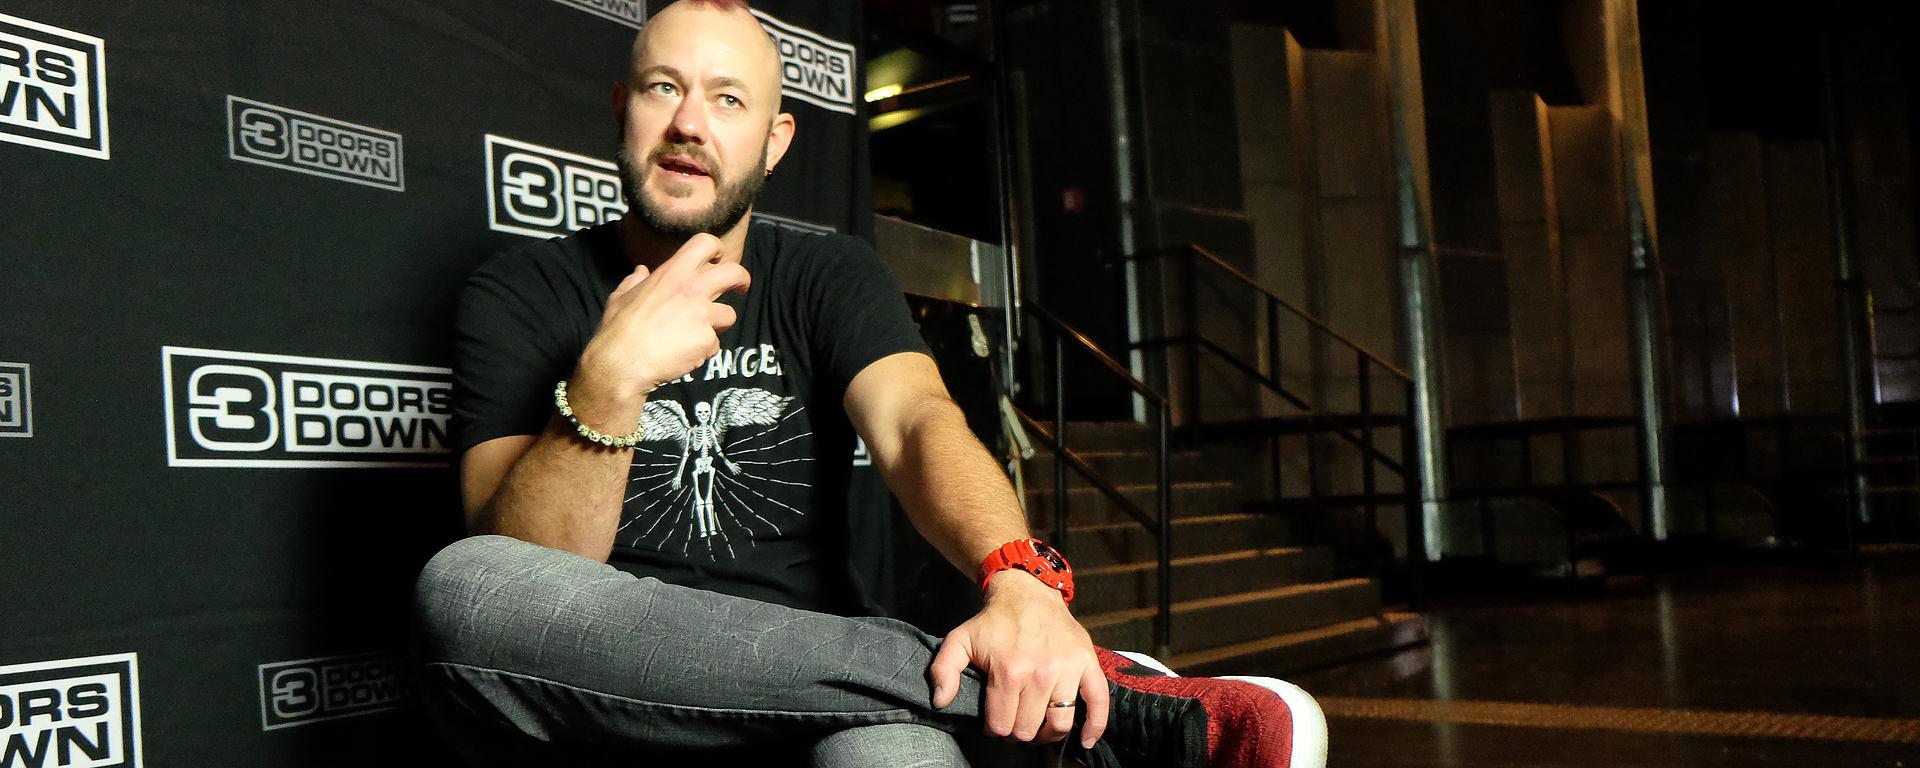 LEWITT interviewed Chet Roberts of 3 Doors Down